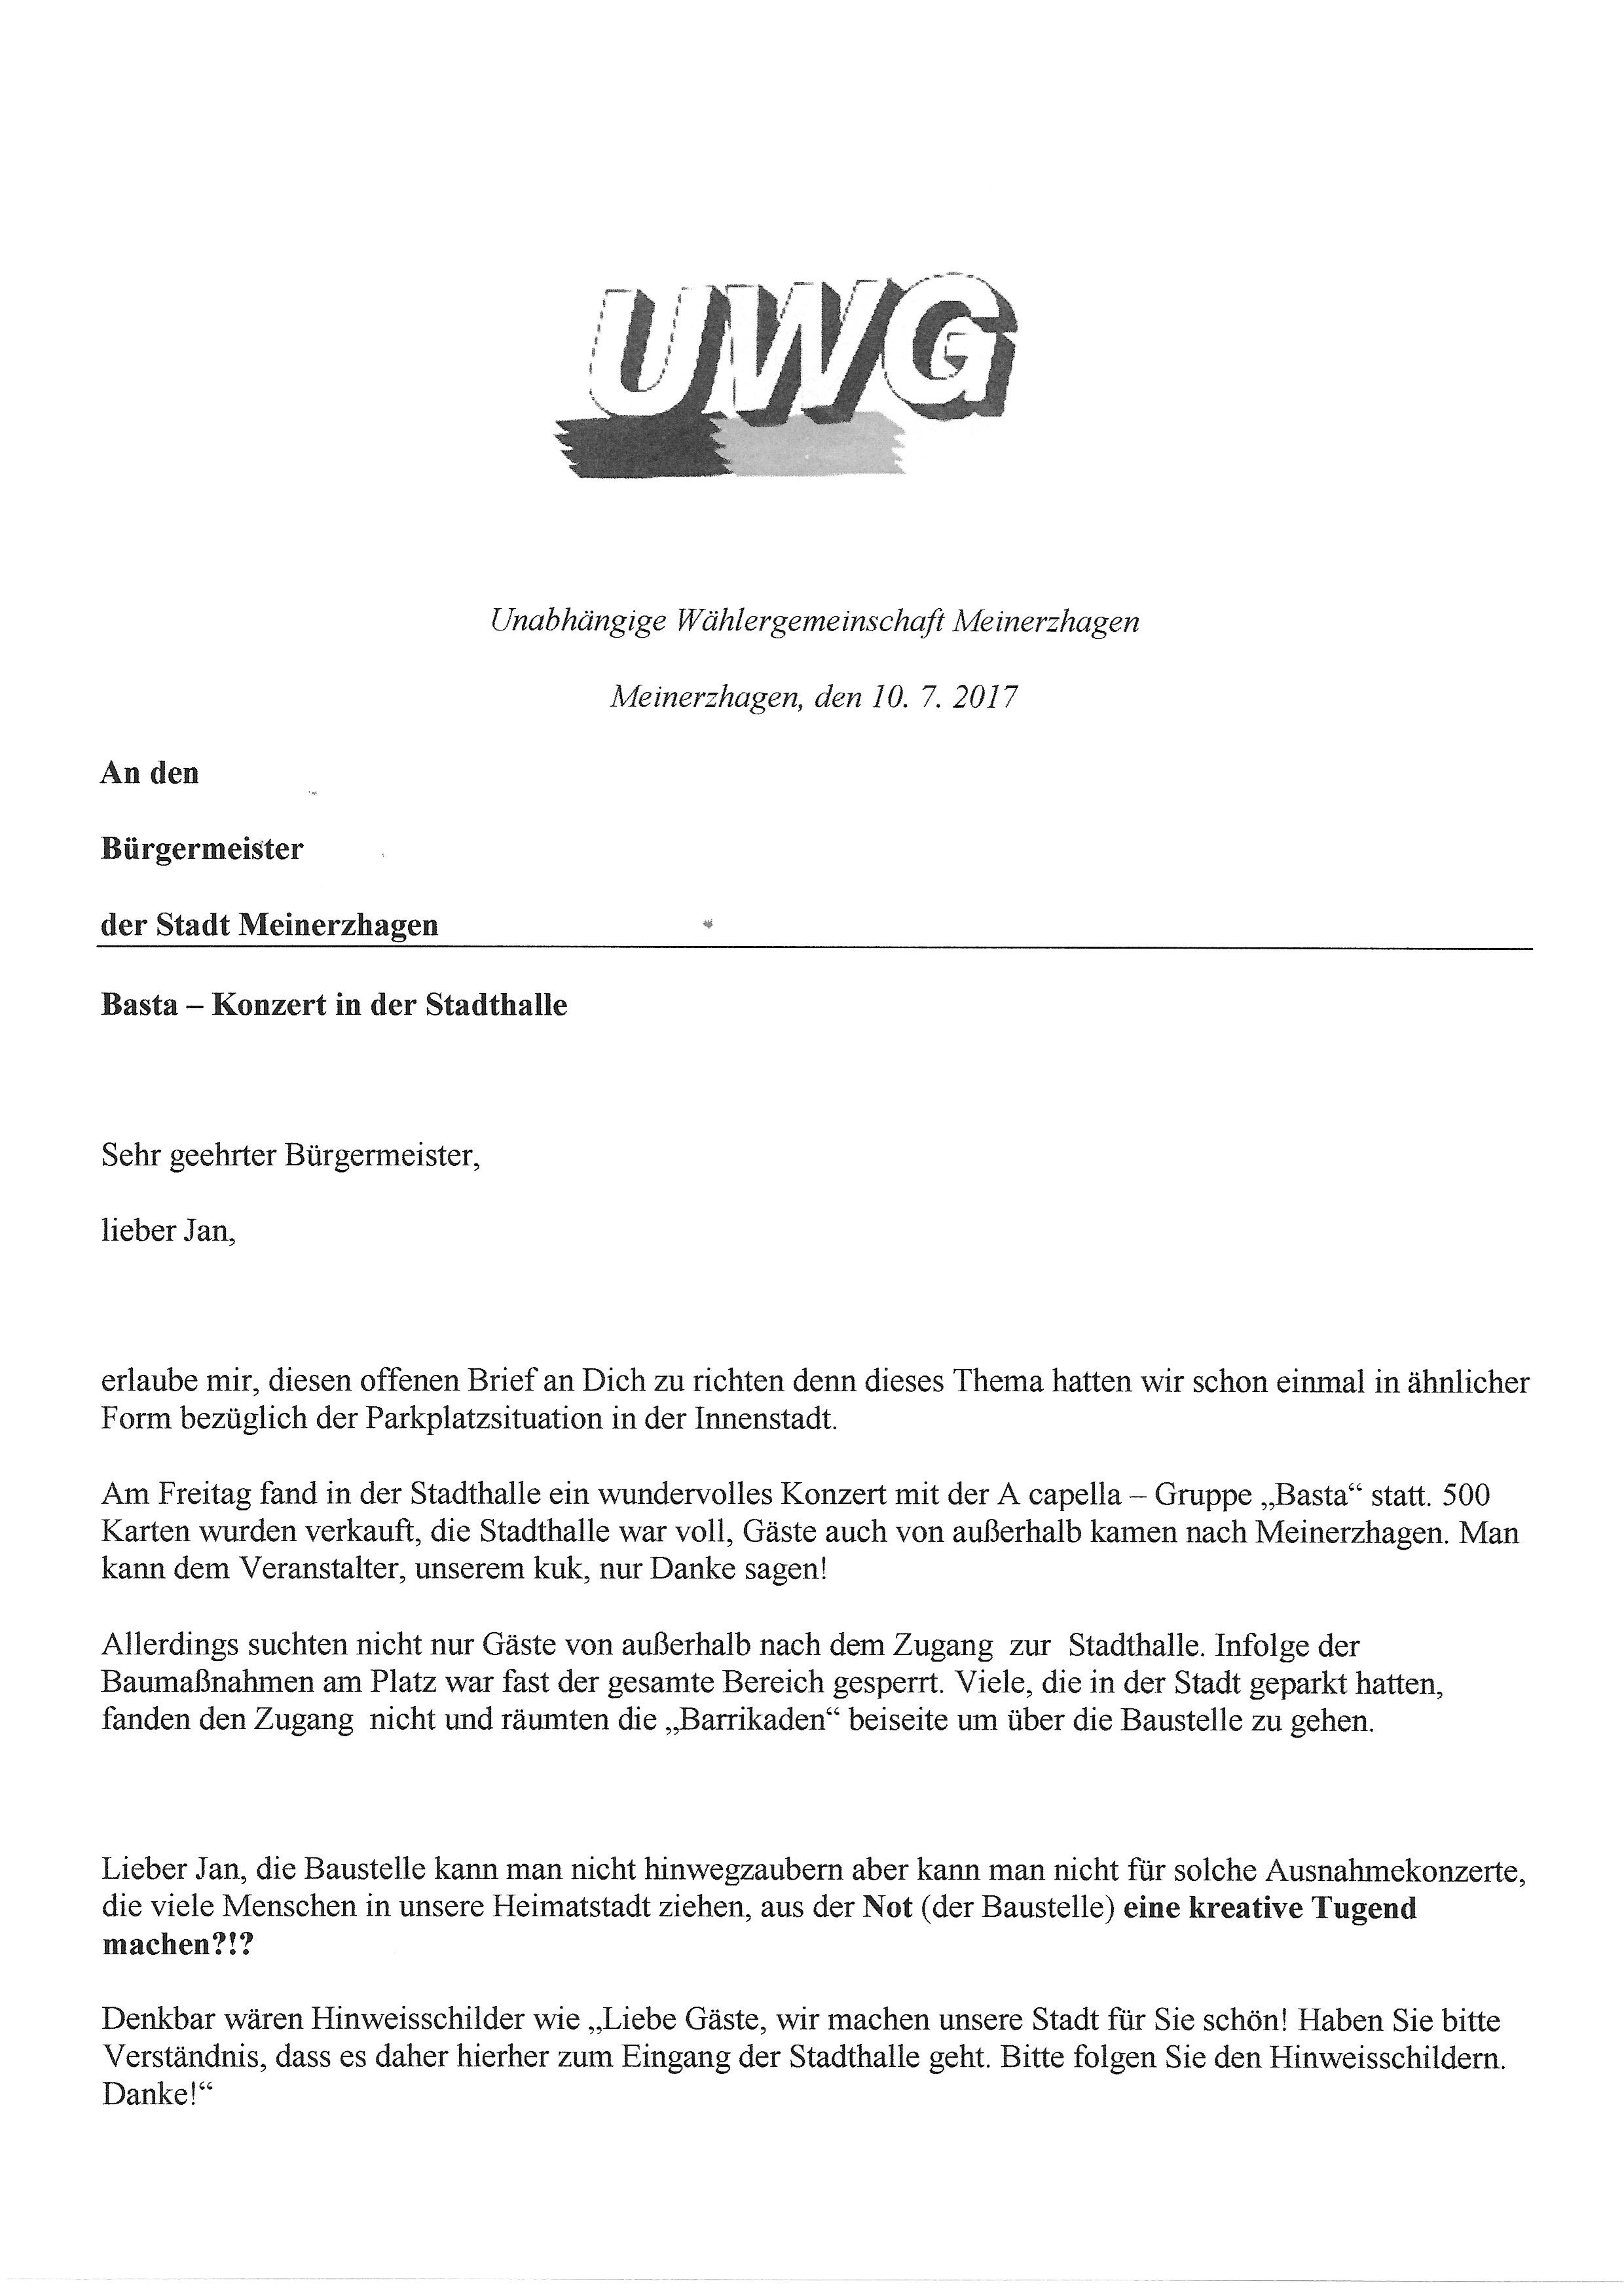 Offener Brief An Bürgermeister Jan Nesselrath Uwg Meinerzhagen